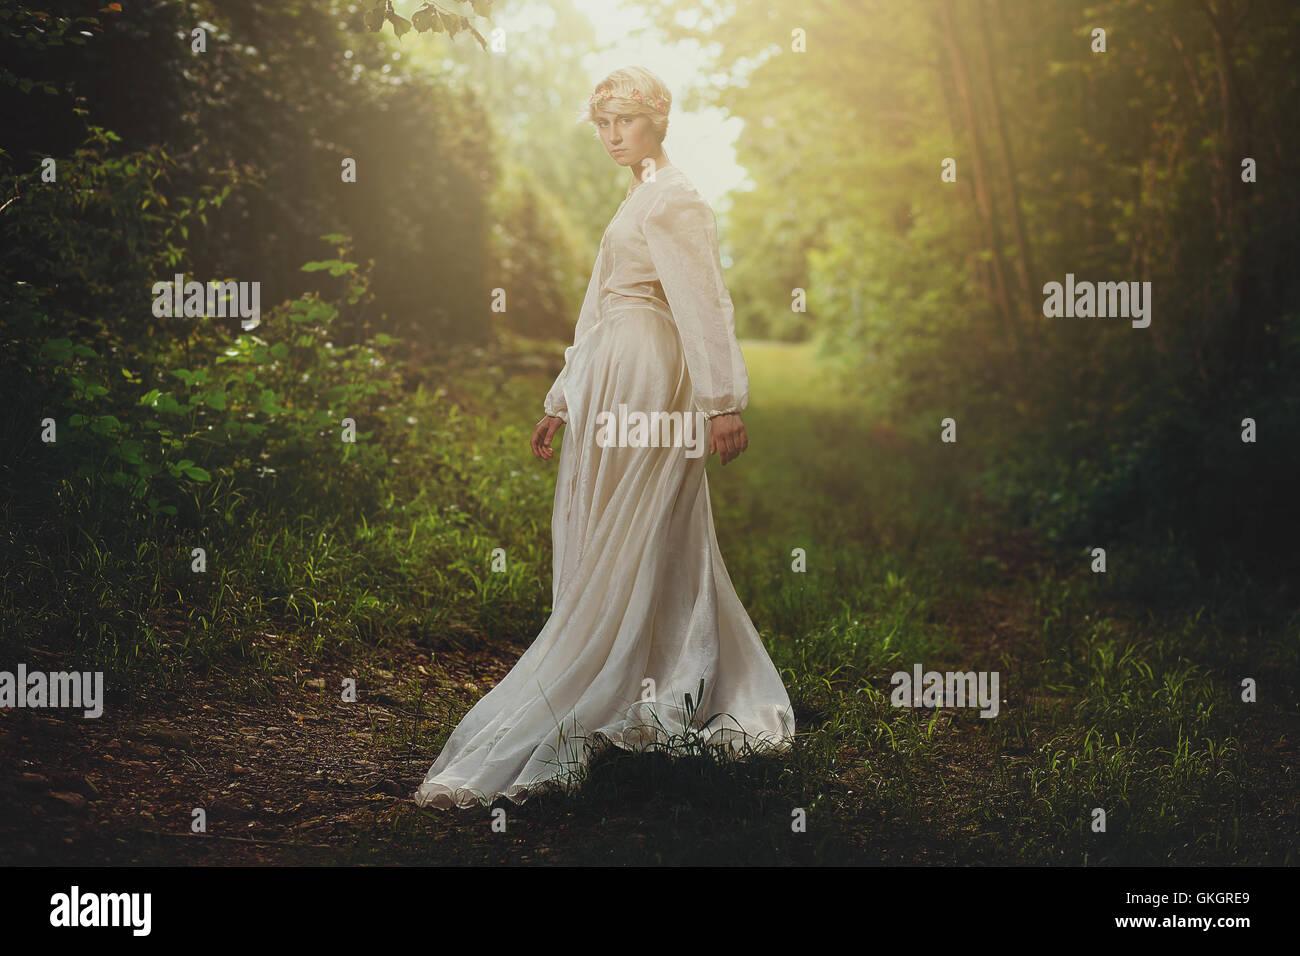 Schöne blonde Mädchen in verträumten Wäldern. Fantasie und surreal Stockfoto